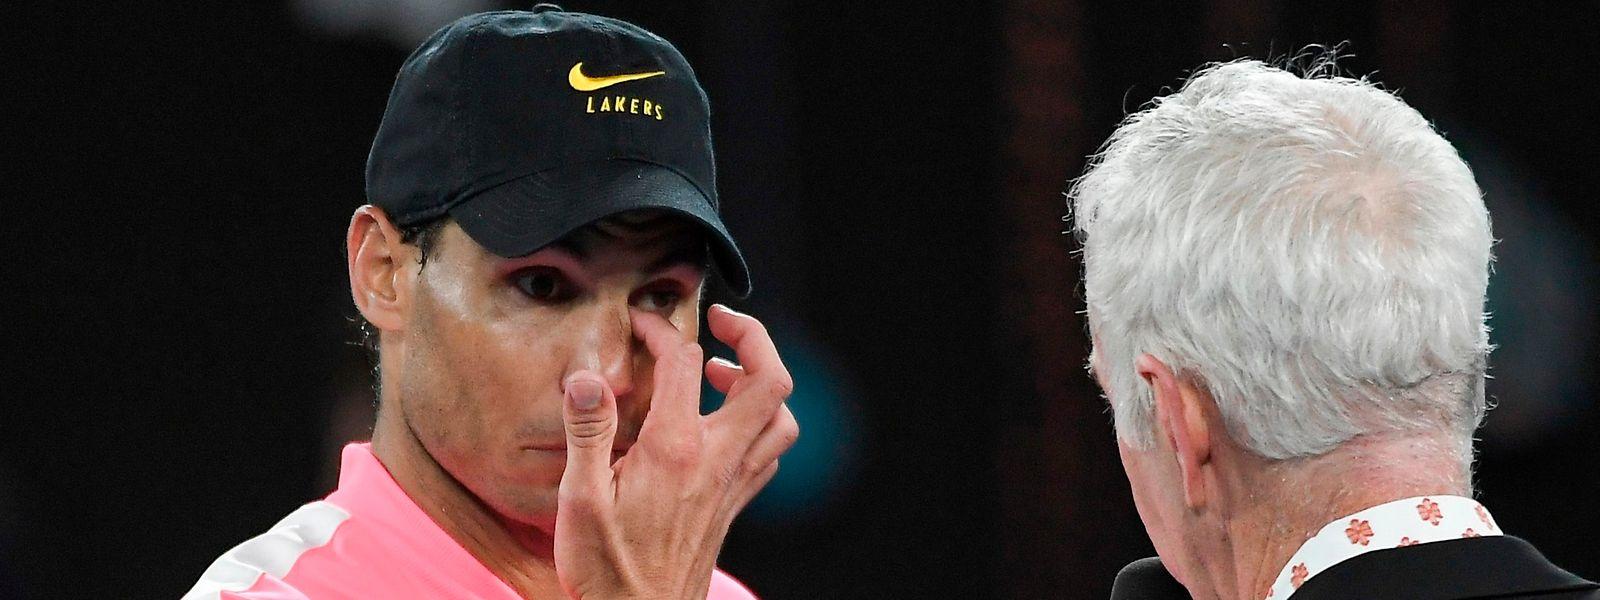 C'est coiffé d'une casquette noire des Lakers, que Rafael Nadal a répondu sur le court aux questions de John McEnroe